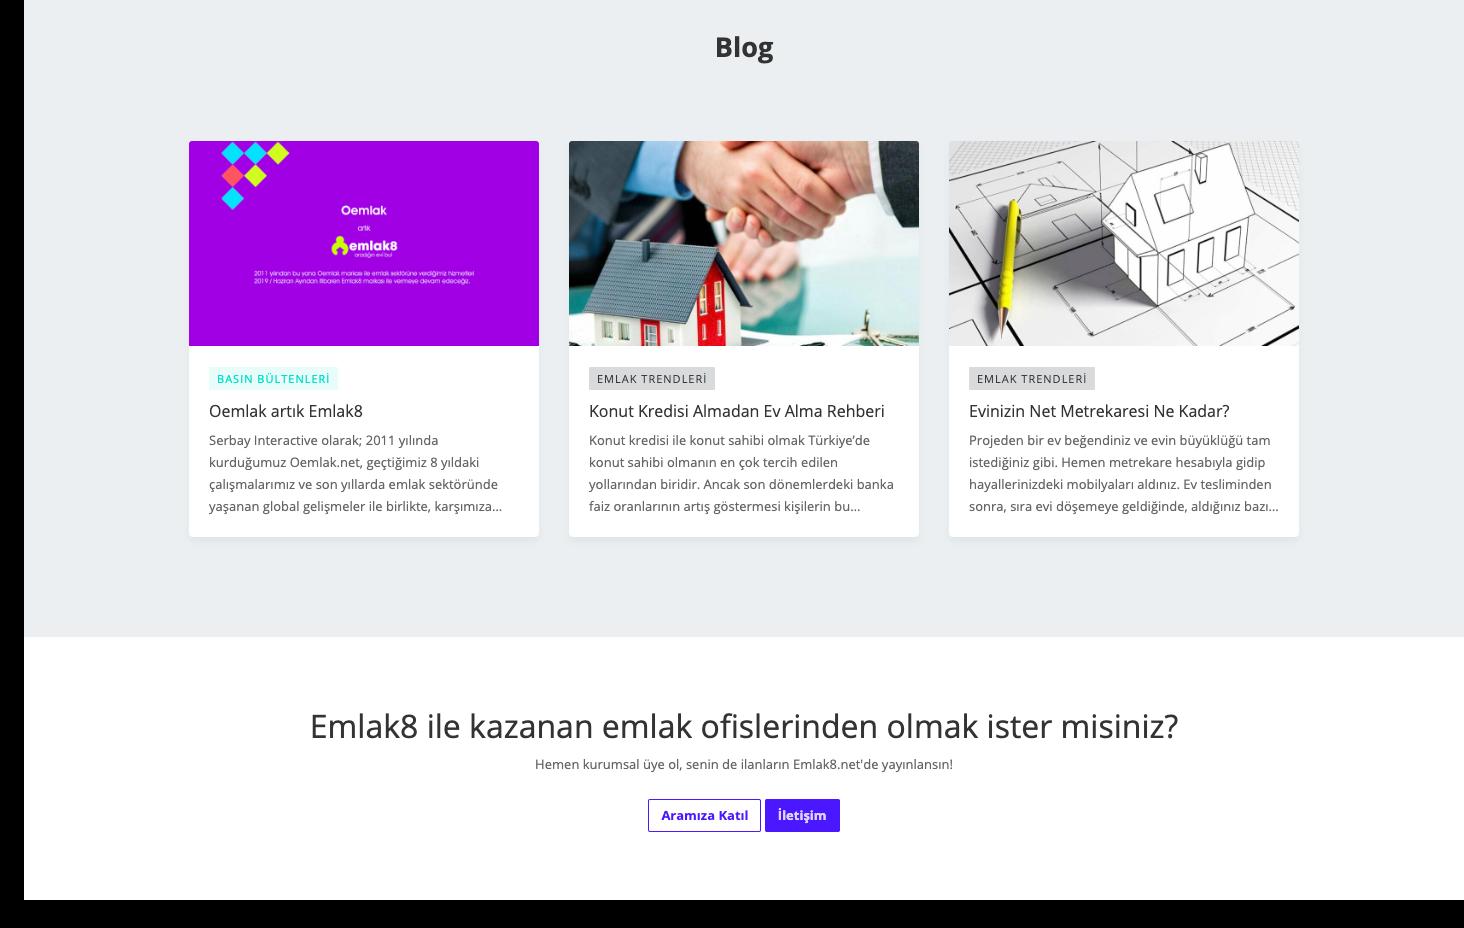 Emlak8.net'i rakiplerinden ayıran emlak ofislerinin sadece ilan yayınladığı bir platform değil, kendi web sitelerindeki ilanların otomatik ücretsiz yayınlandığı bir platformdur.